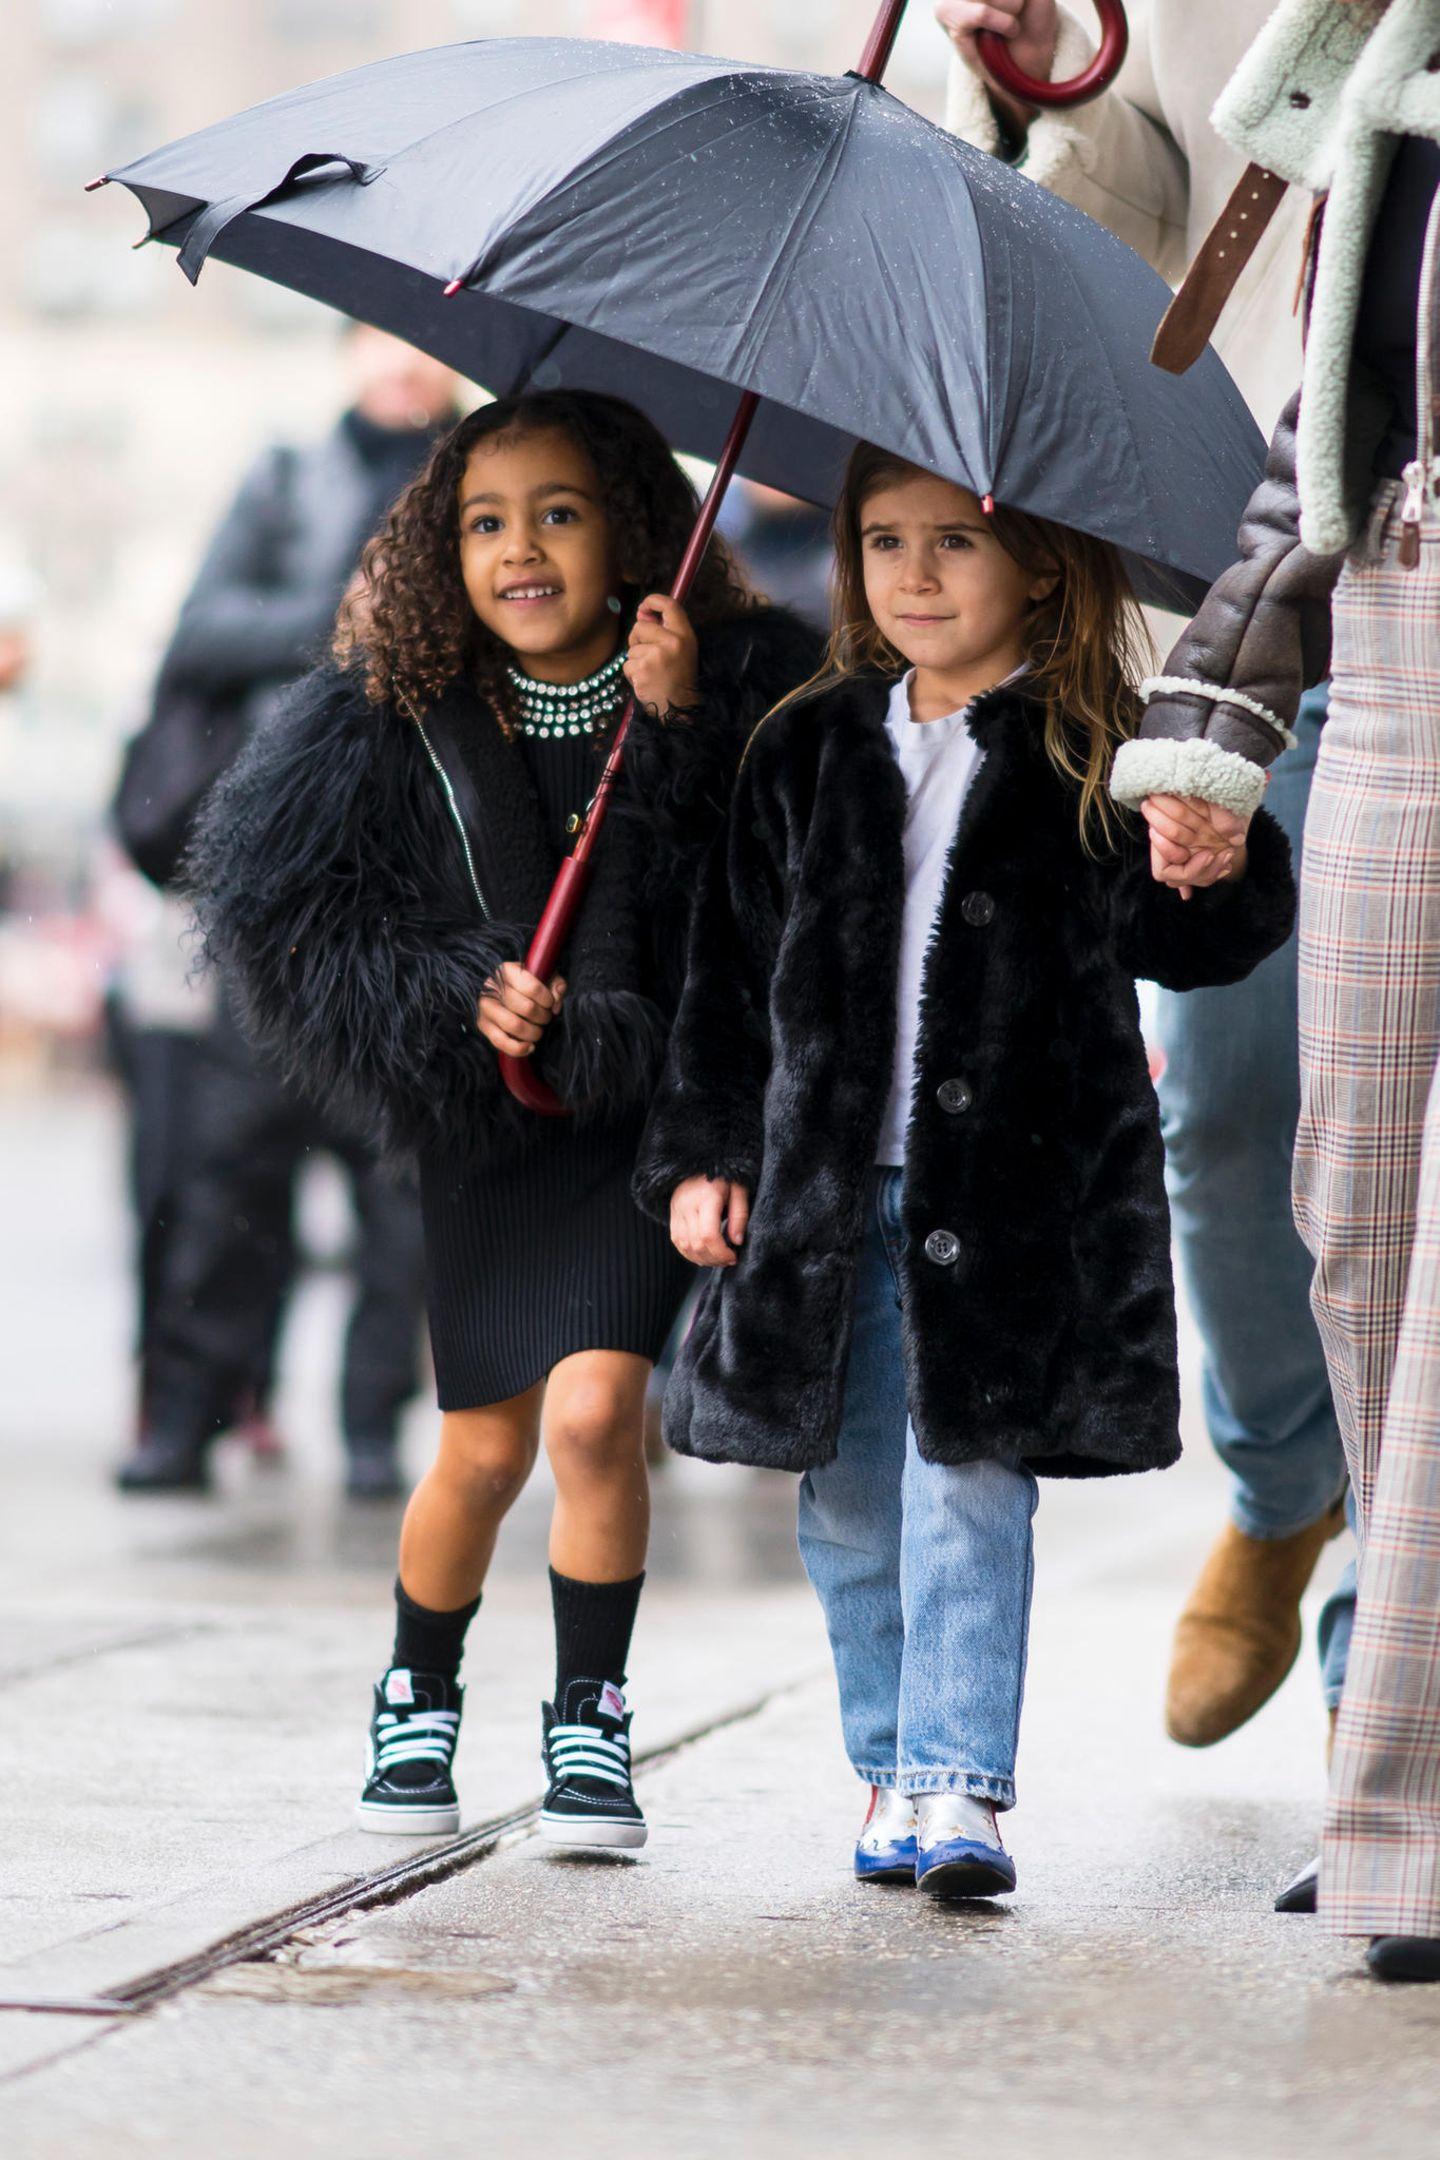 North West und Penelope Disick gehören zu den meist-fotografiertesten Promi-Kids der Welt. Klar, dass die Cousinen (oder ihre Mütter) viel Wert auf das perfekte Outfit legen. Für einen Wochenend-Trip nach New York hatten die Mini-Fashionistas so einiges im Gepäck: North zeigt sich - wie so oft - in einem komplett schwarzen Outfit inklusive Pelzmäntelchen und figurbetontem Kleid. Penelope trägt ebenfalls einen schwarzen Fellmantel, sie kombiniert dazu eine blaue Jeans und coole Boots.